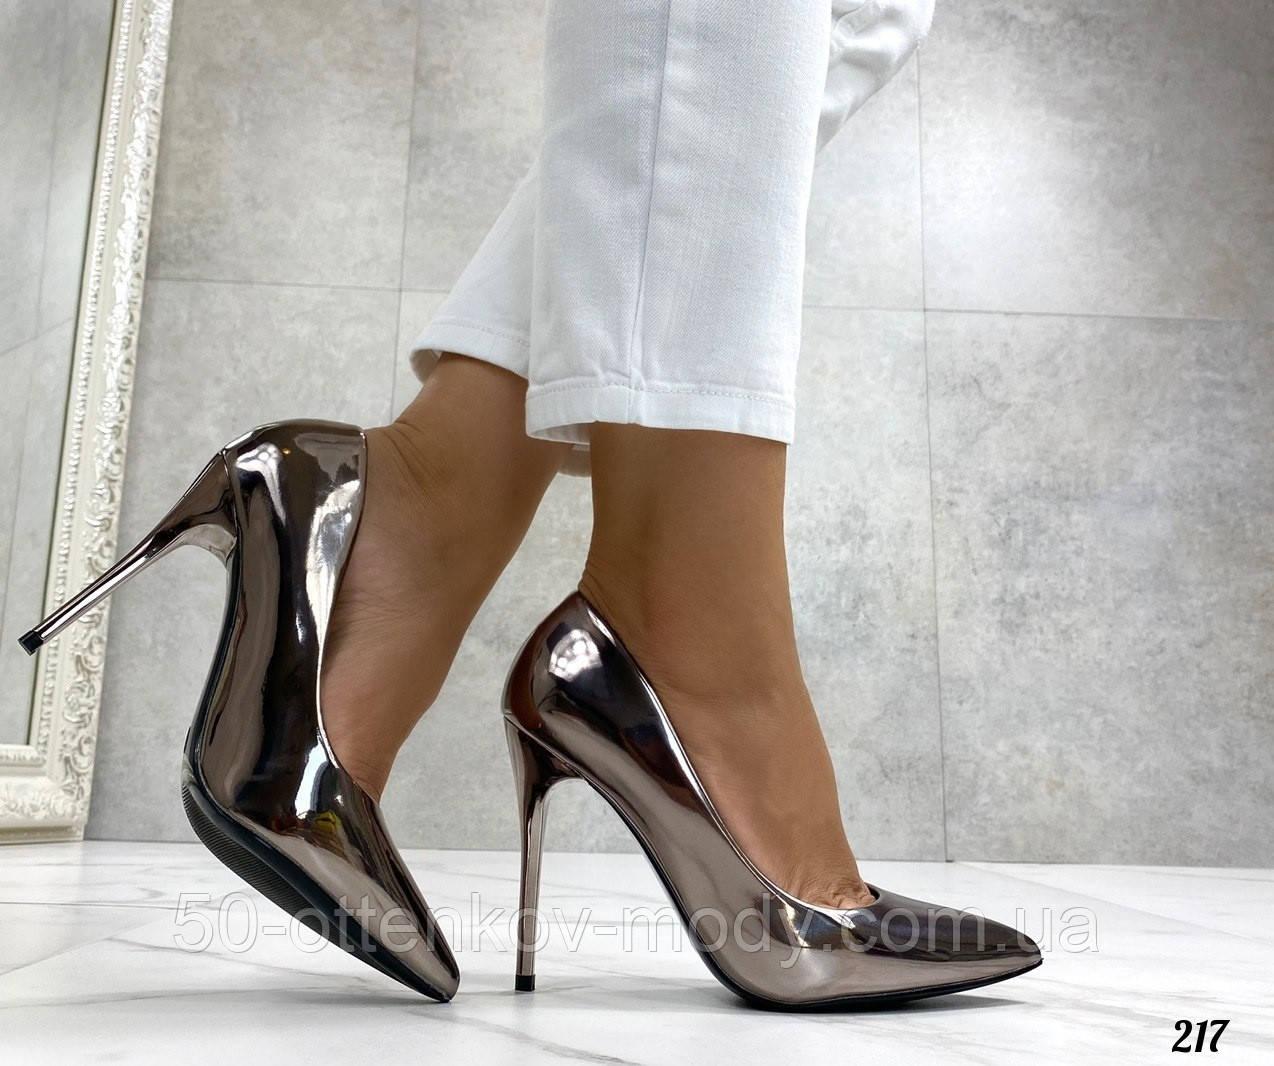 Женские туфли лодочки, цвет никель, каблук 10 см